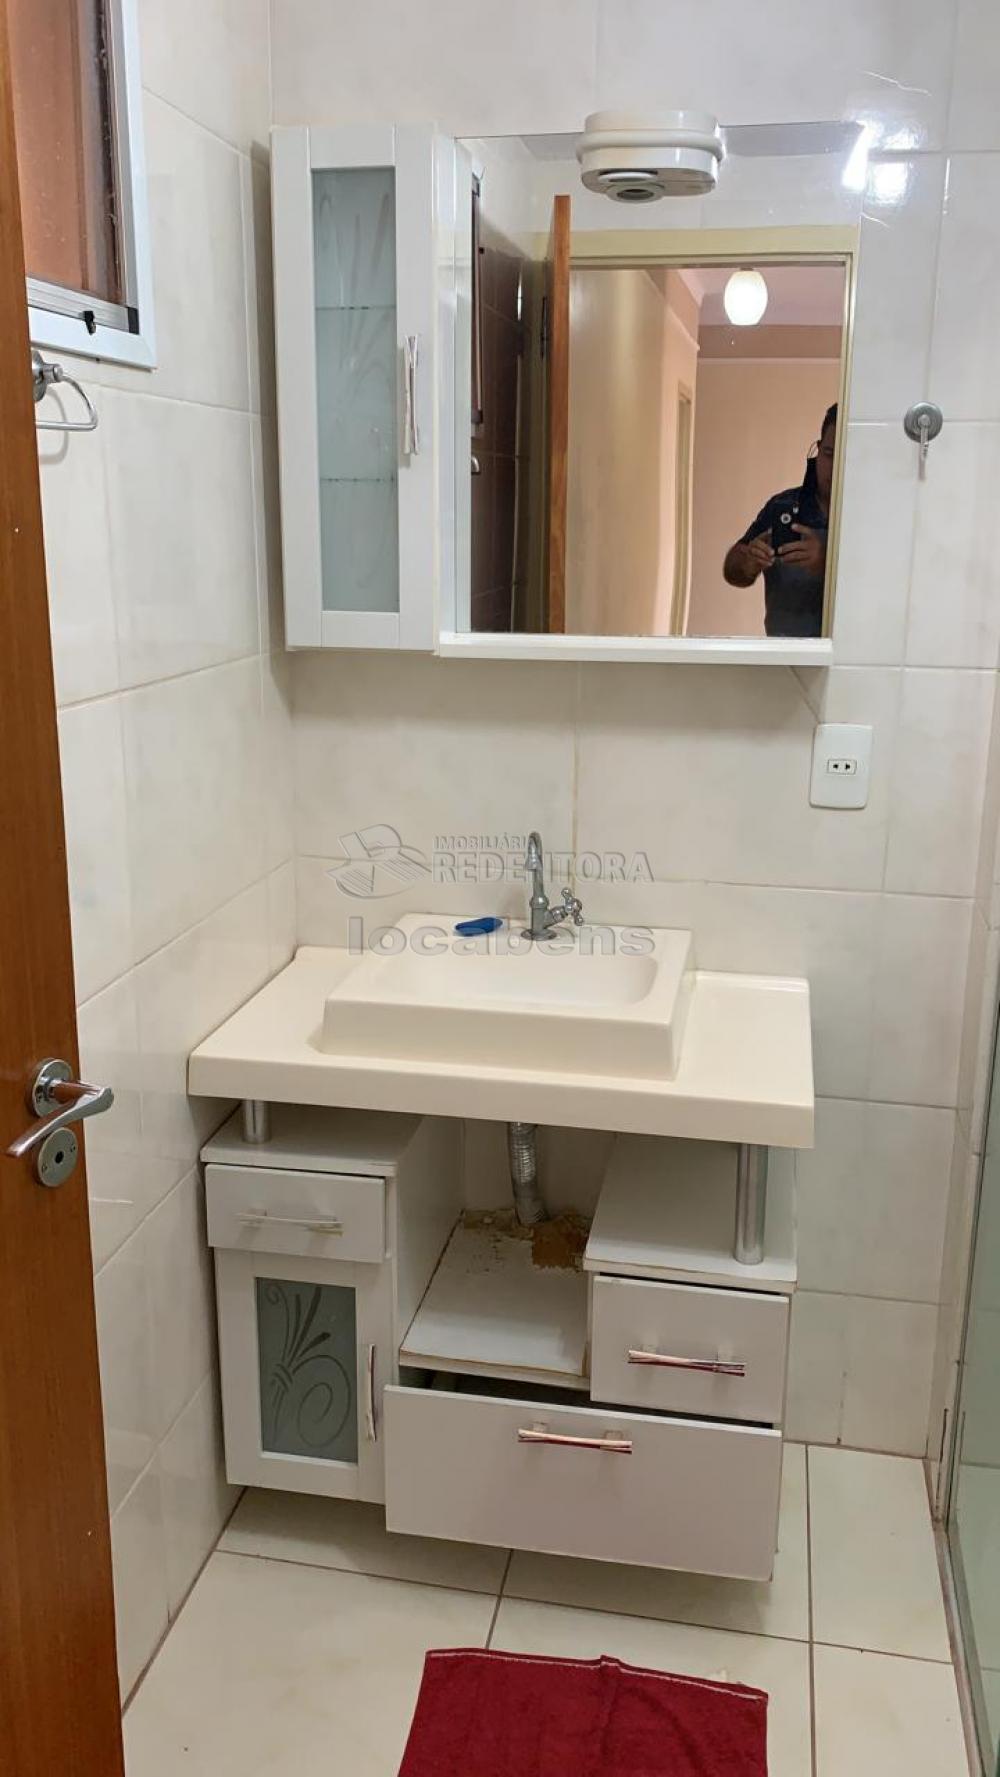 Comprar Apartamento / Padrão em São José do Rio Preto R$ 160.000,00 - Foto 25